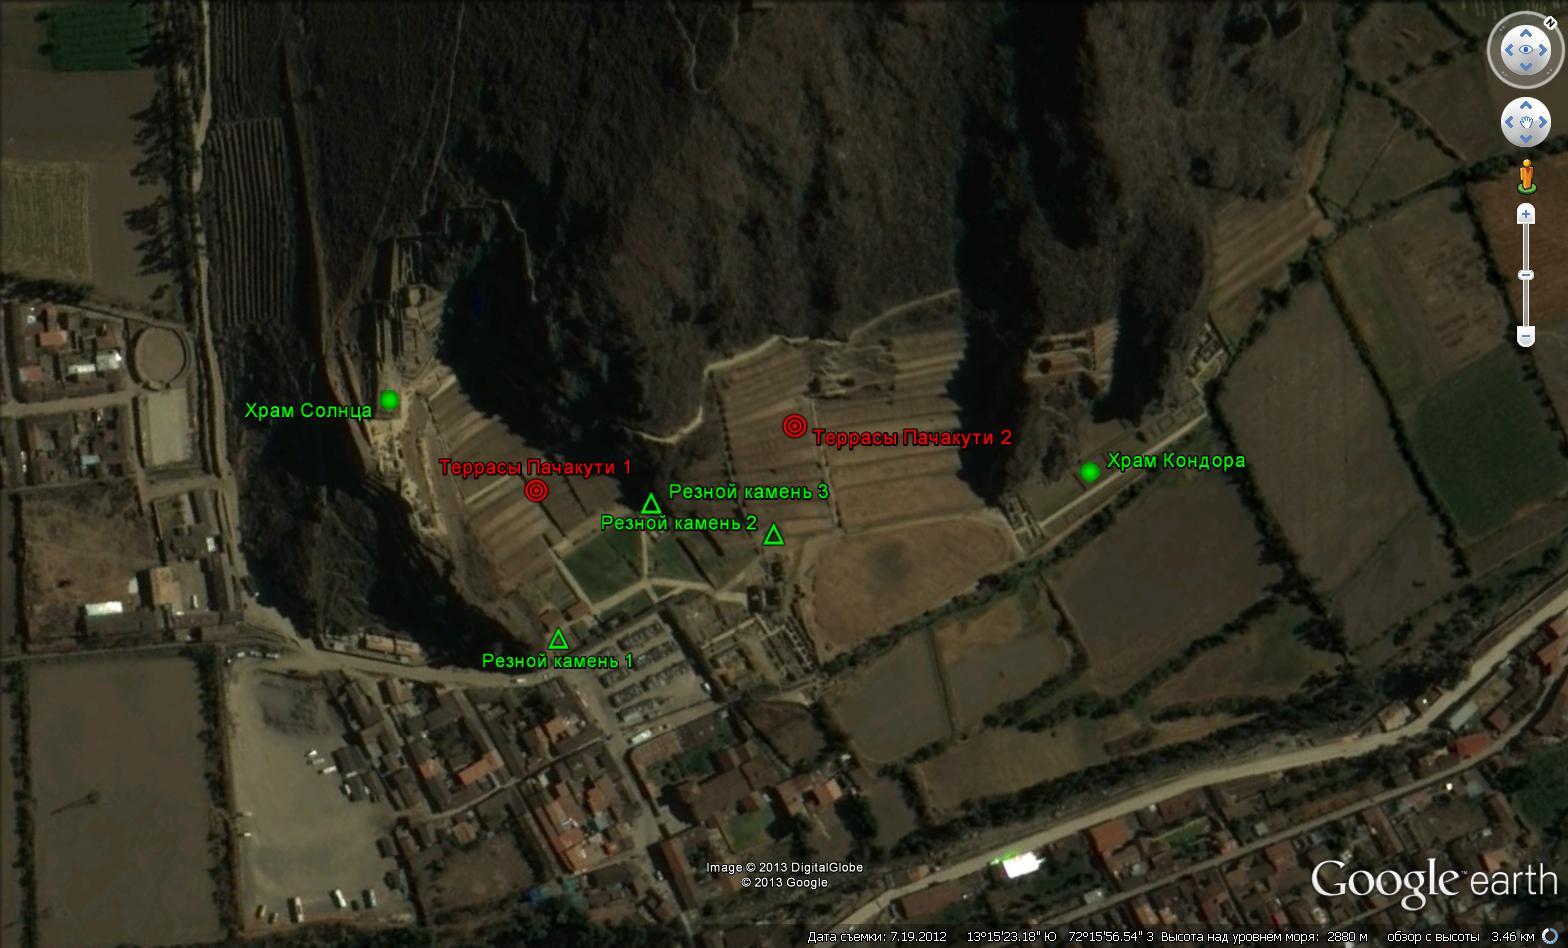 Распределение изрезанных скальных выходов у подножия террас Пачакути